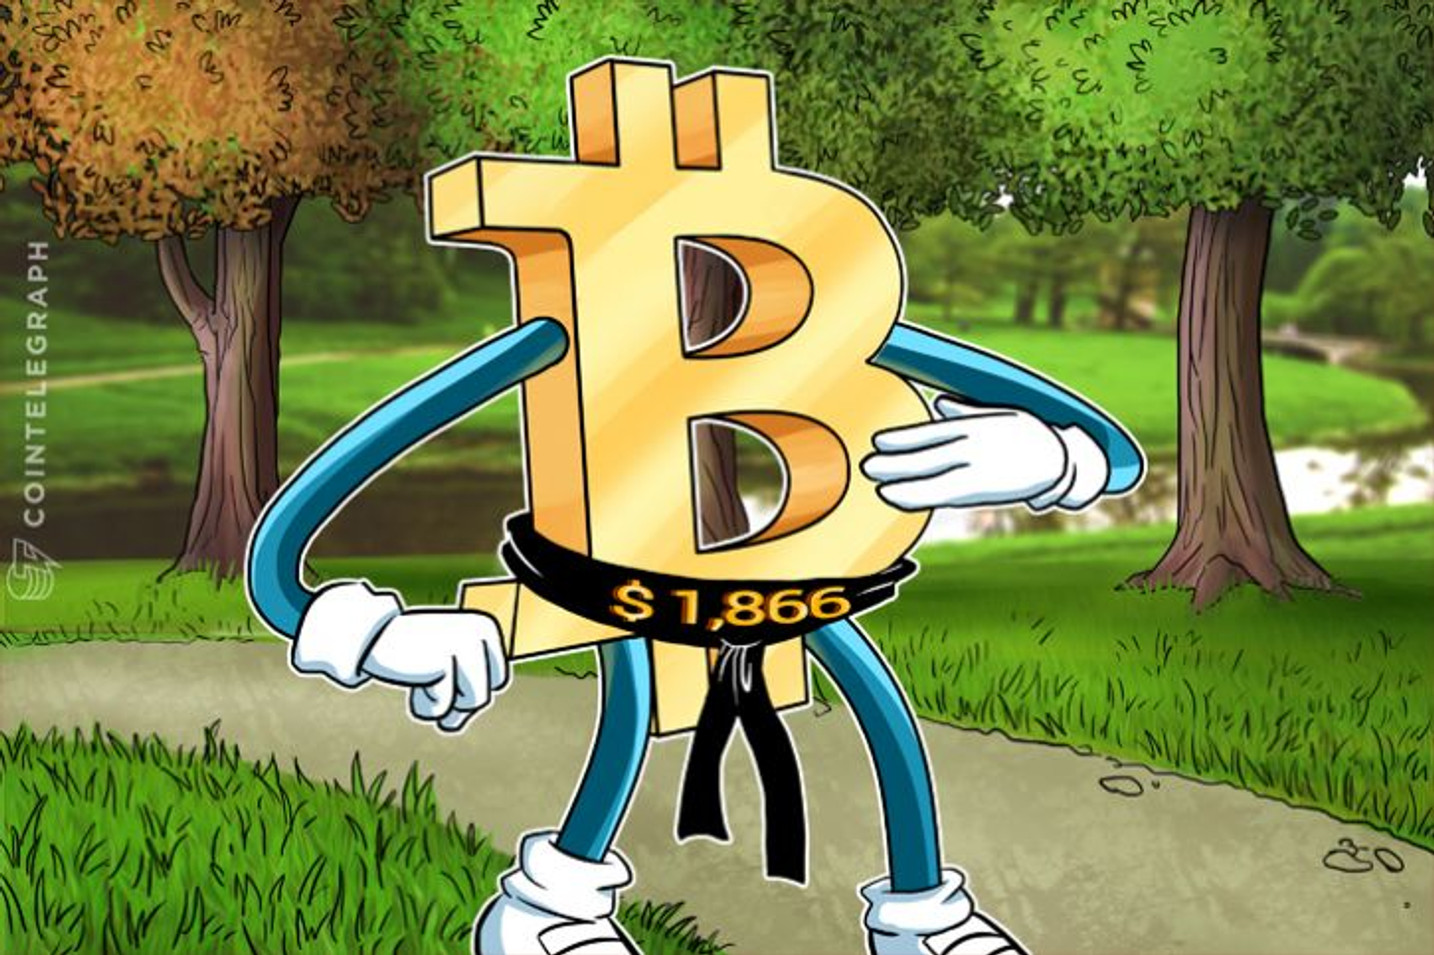 ビットコイン価格が再び史上最高値を更新し1,866ドルへ―その主な成長要因とは